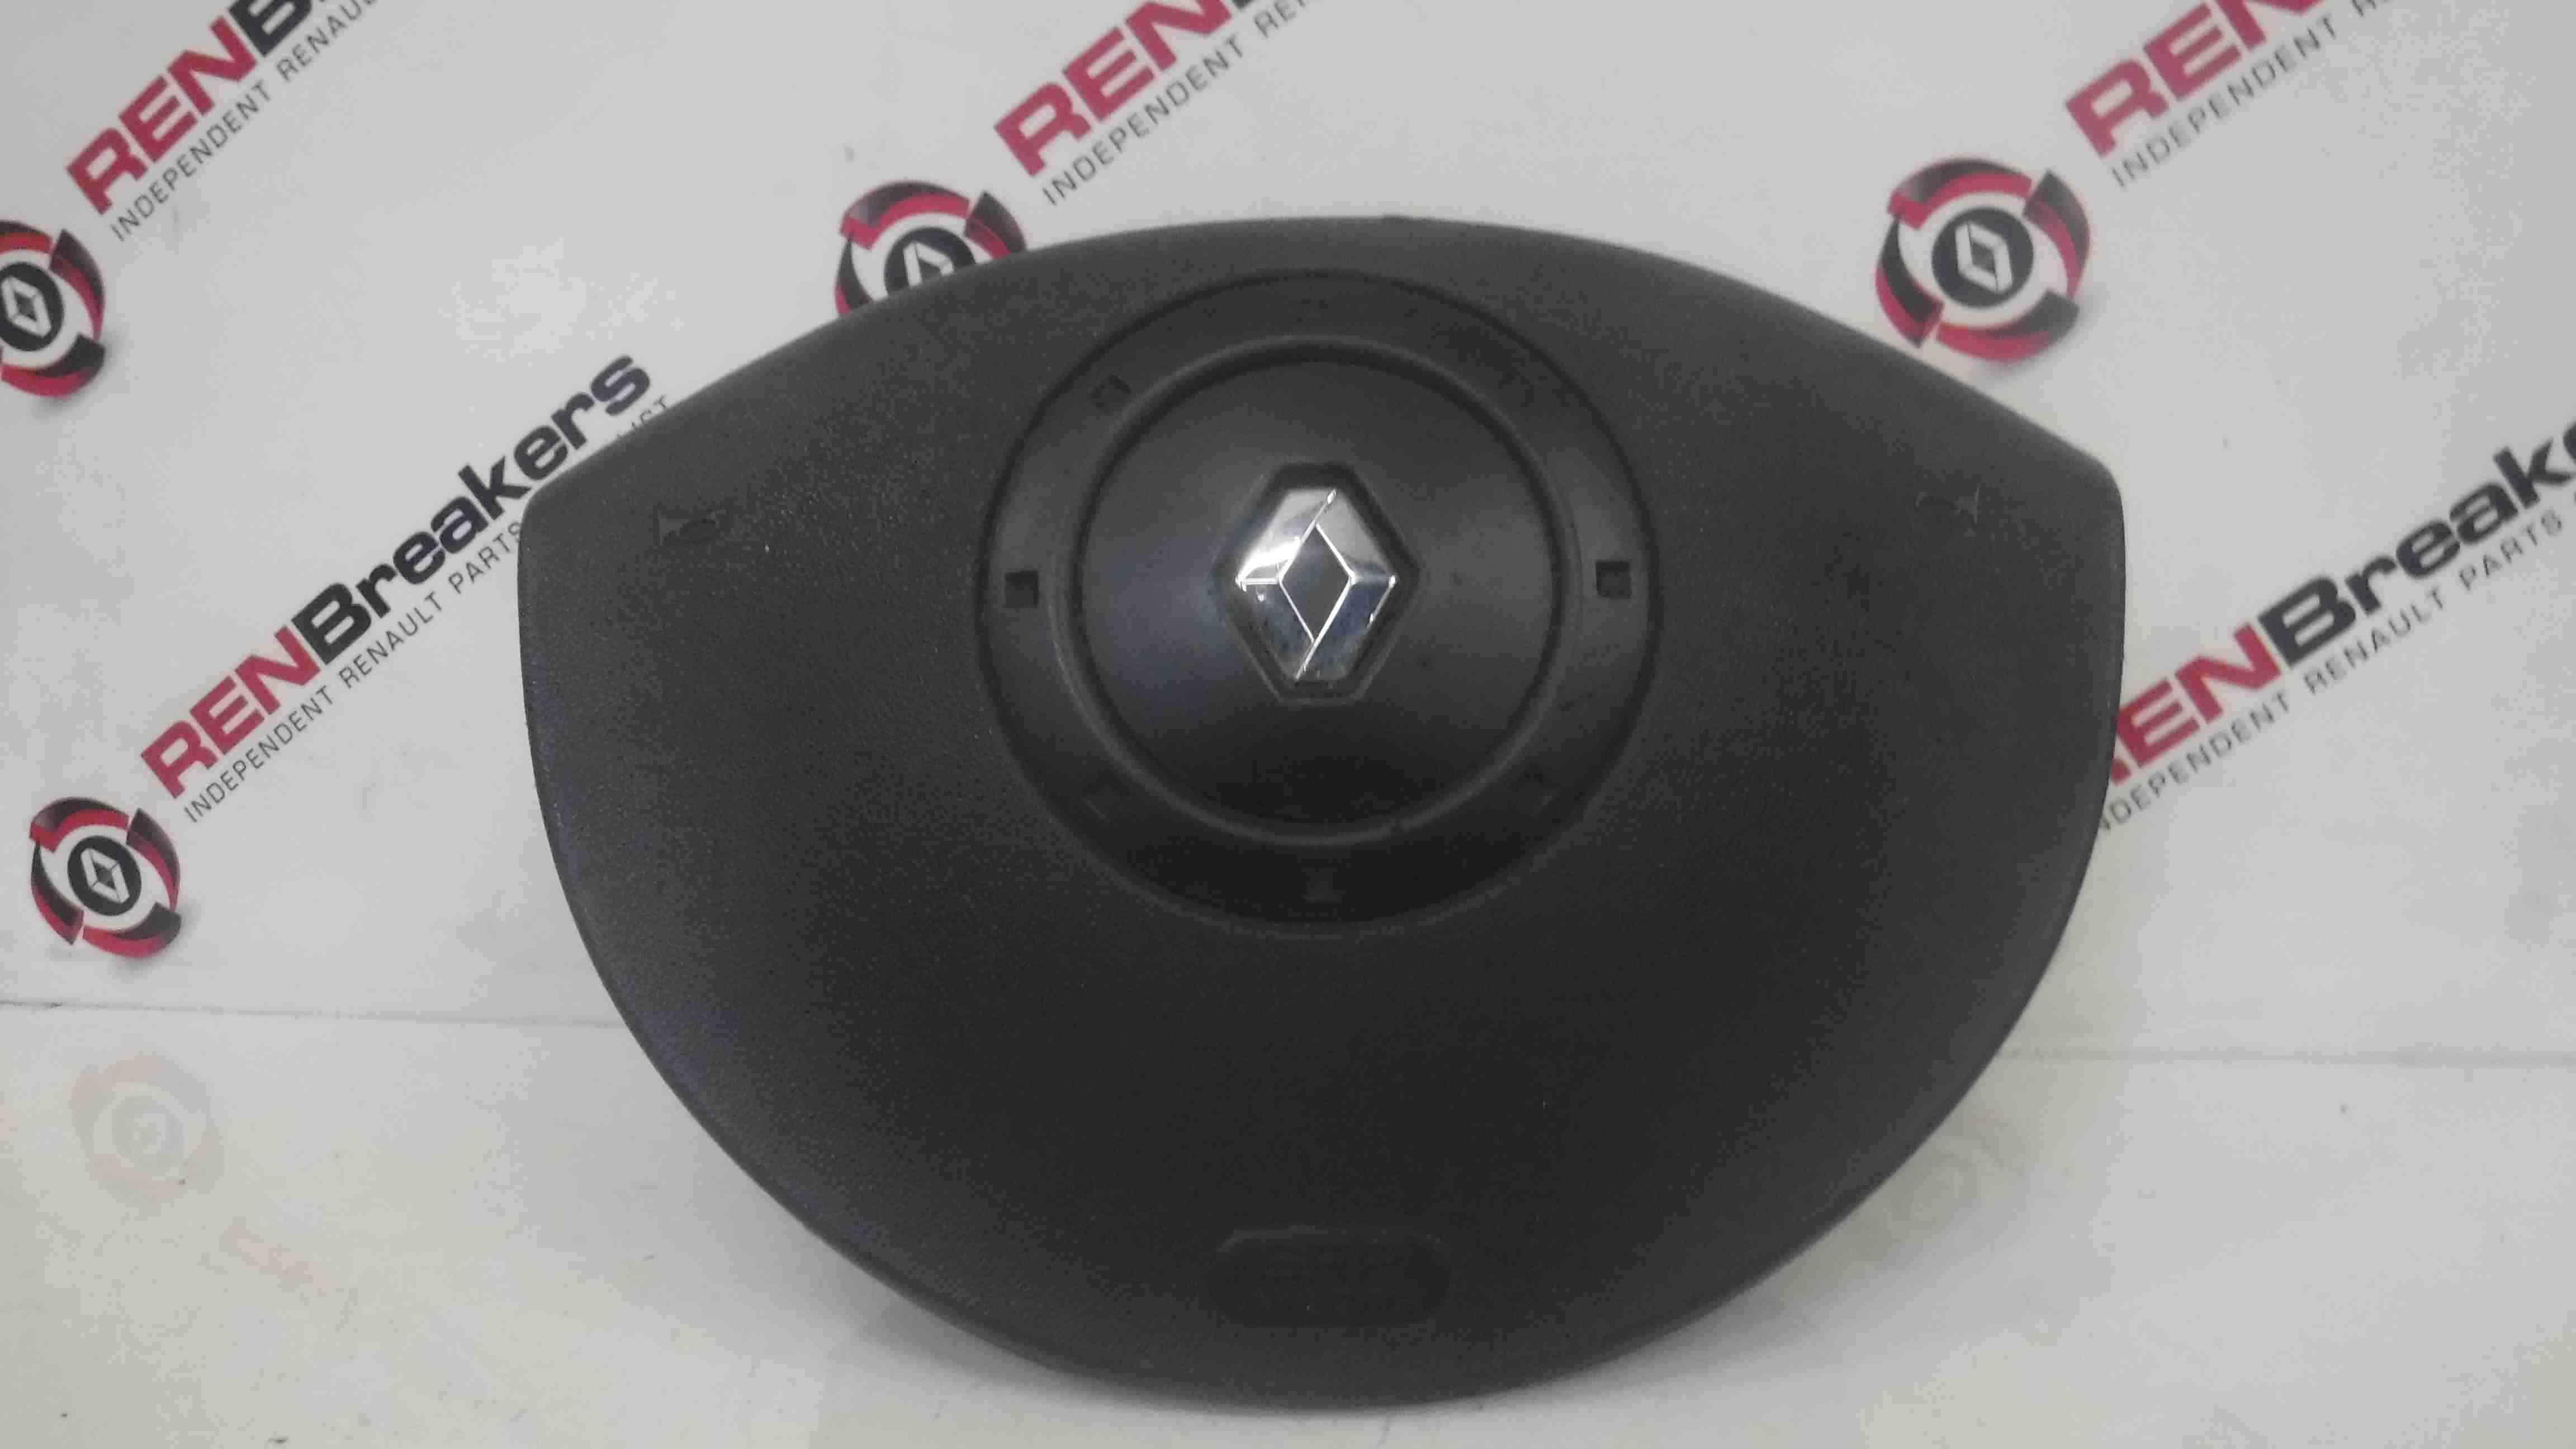 Renault Kangoo 2007-2017 Steering Wheel Airbag 8200893585